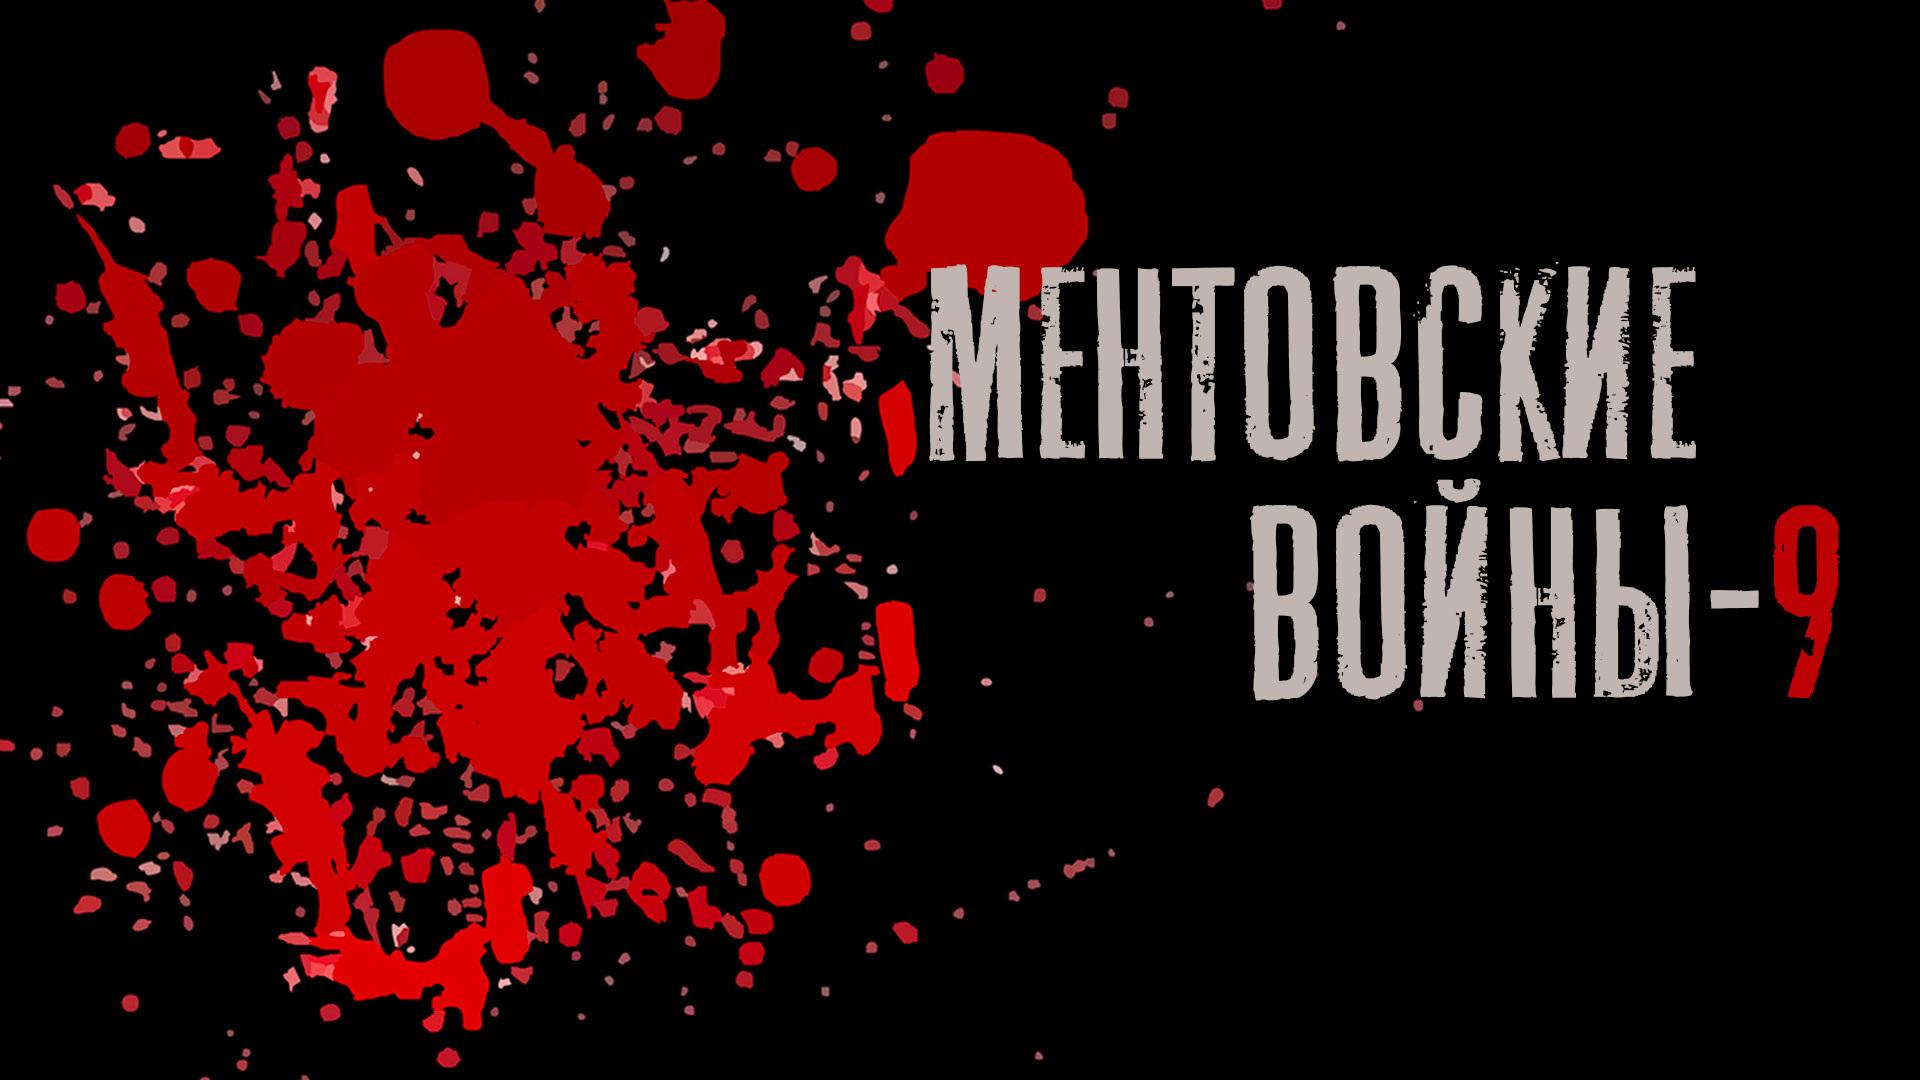 Ментовские войны-9